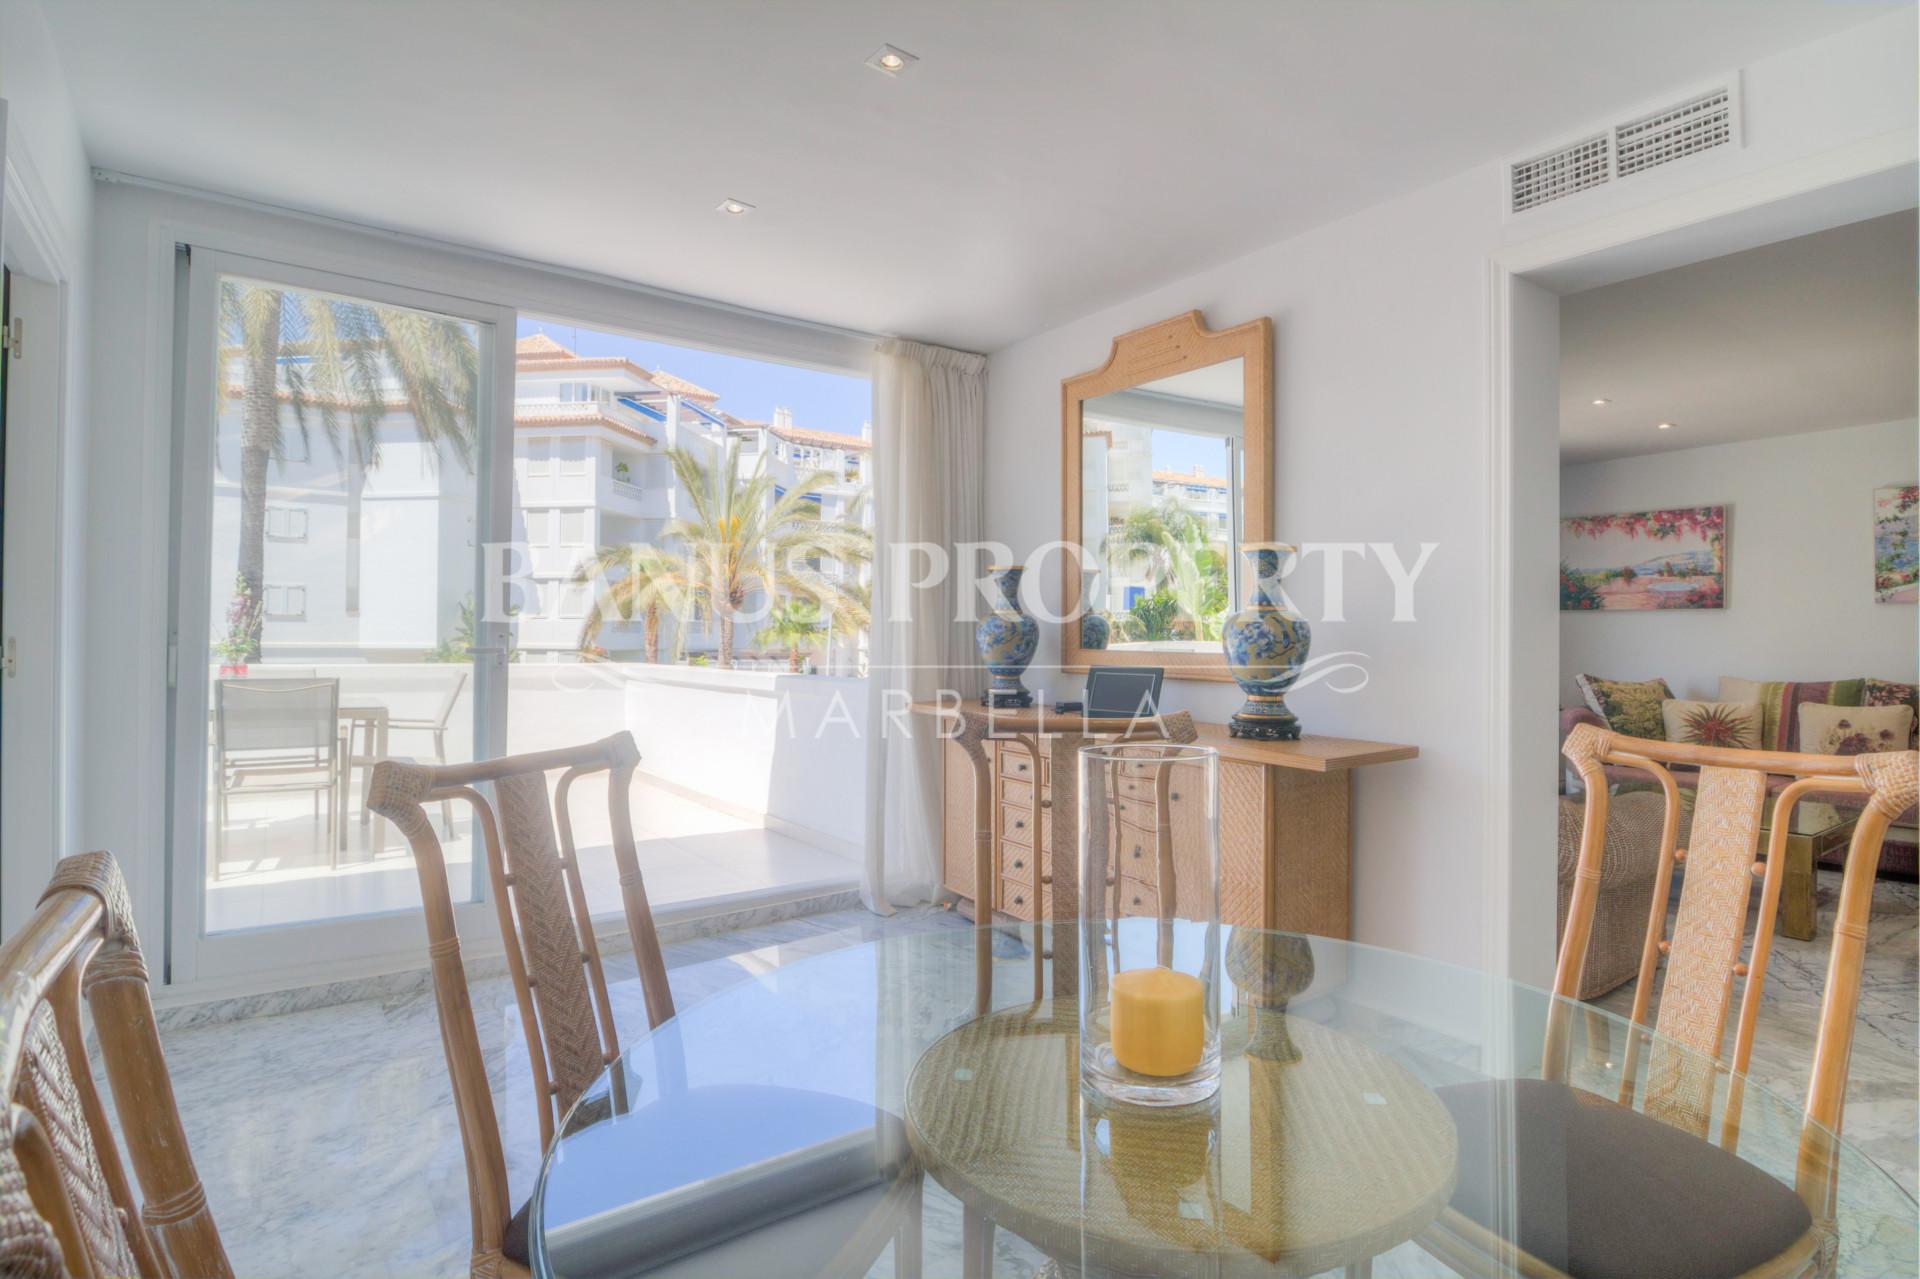 Immaculate three-bedroom first floor apartment for sale in Edificio Sevilla, Playas del Duque, Puerto Banús